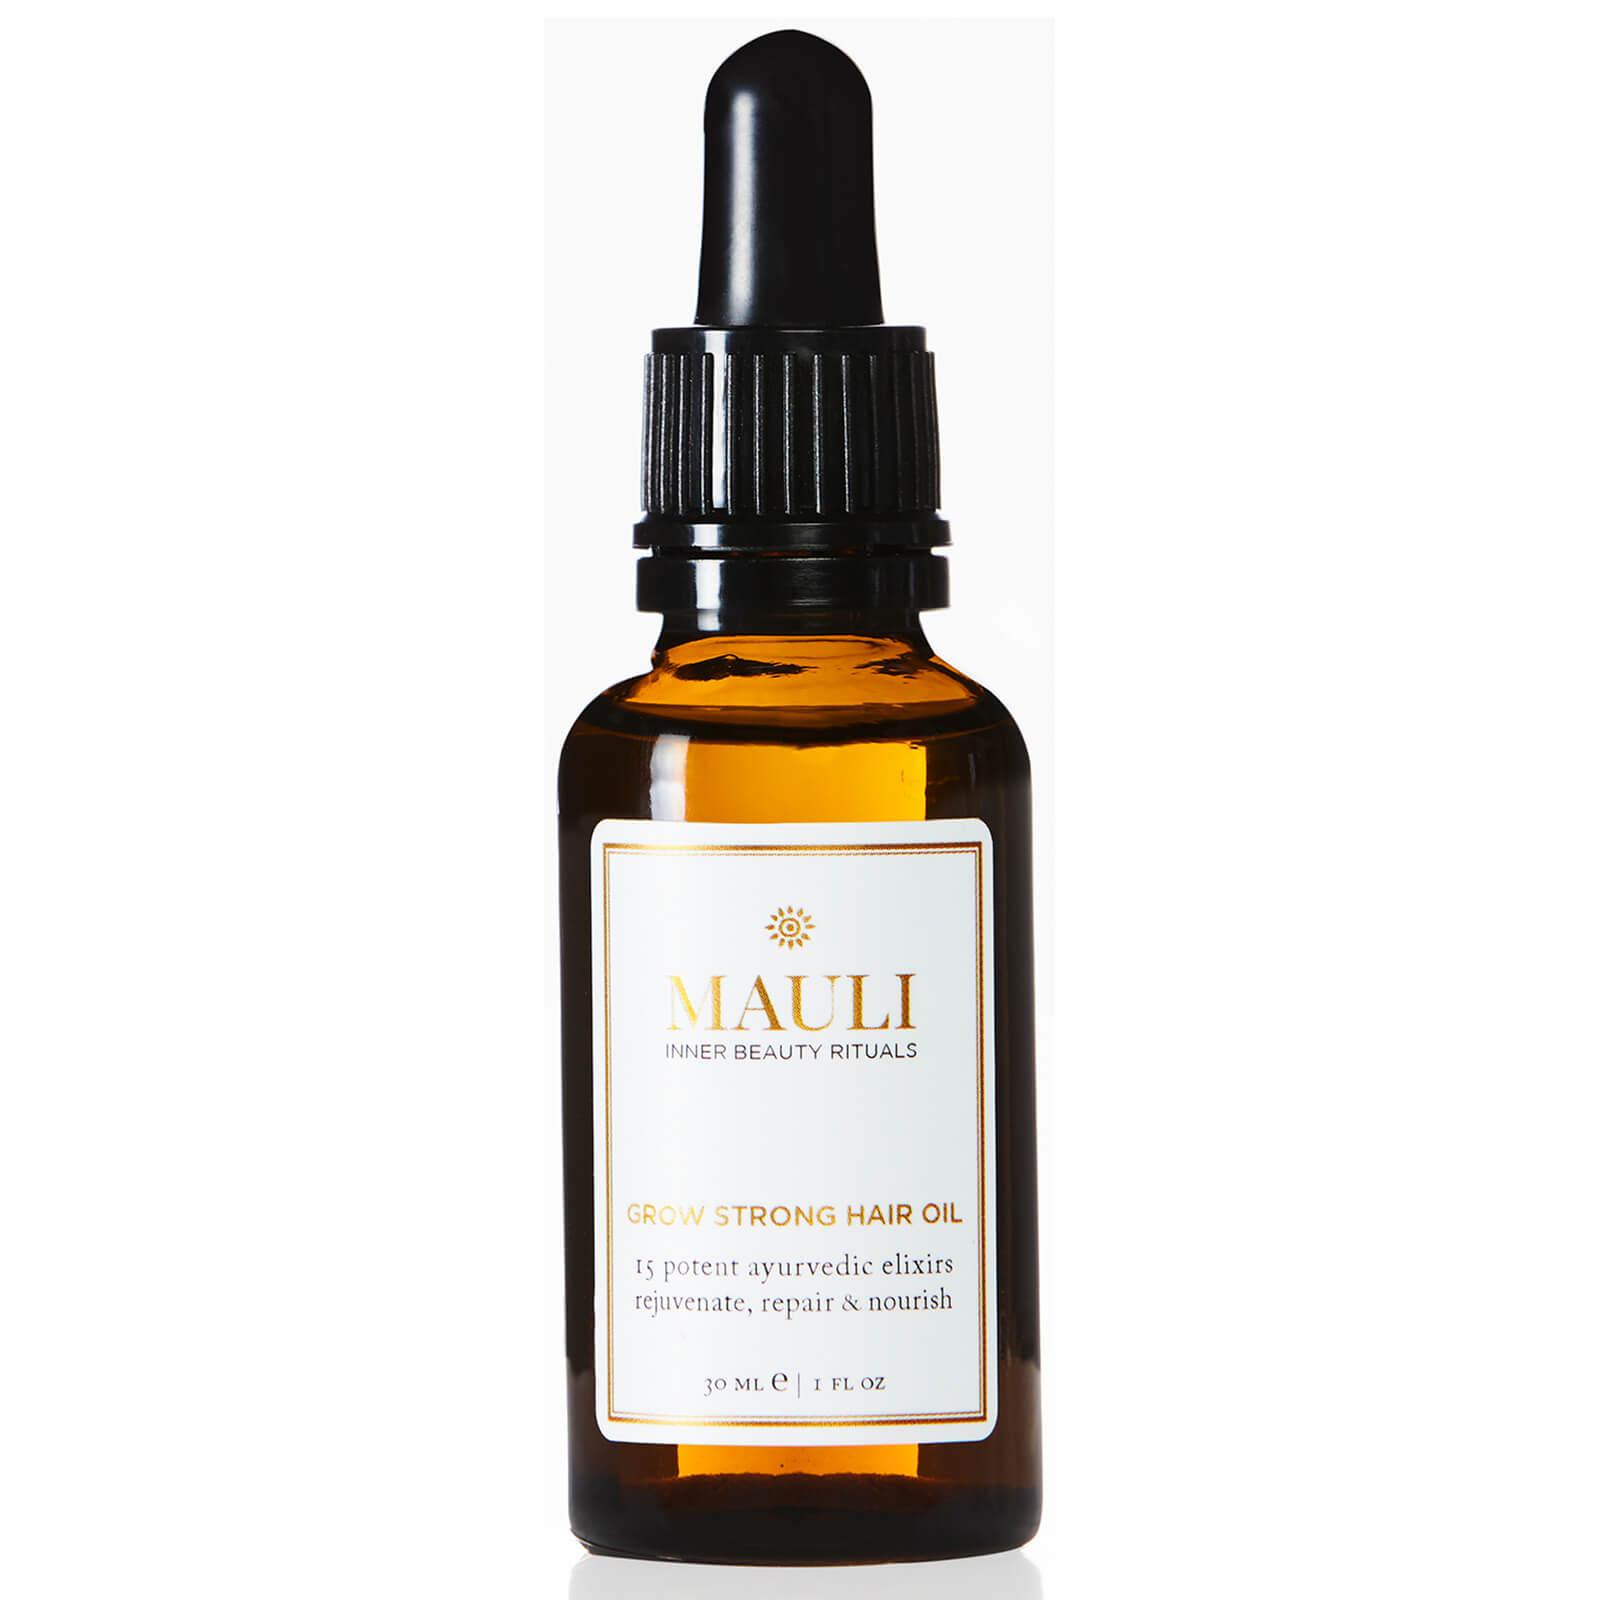 Купить Масло для роста и укрепления волос Mauli Grow Strong Hair Oil 30мл